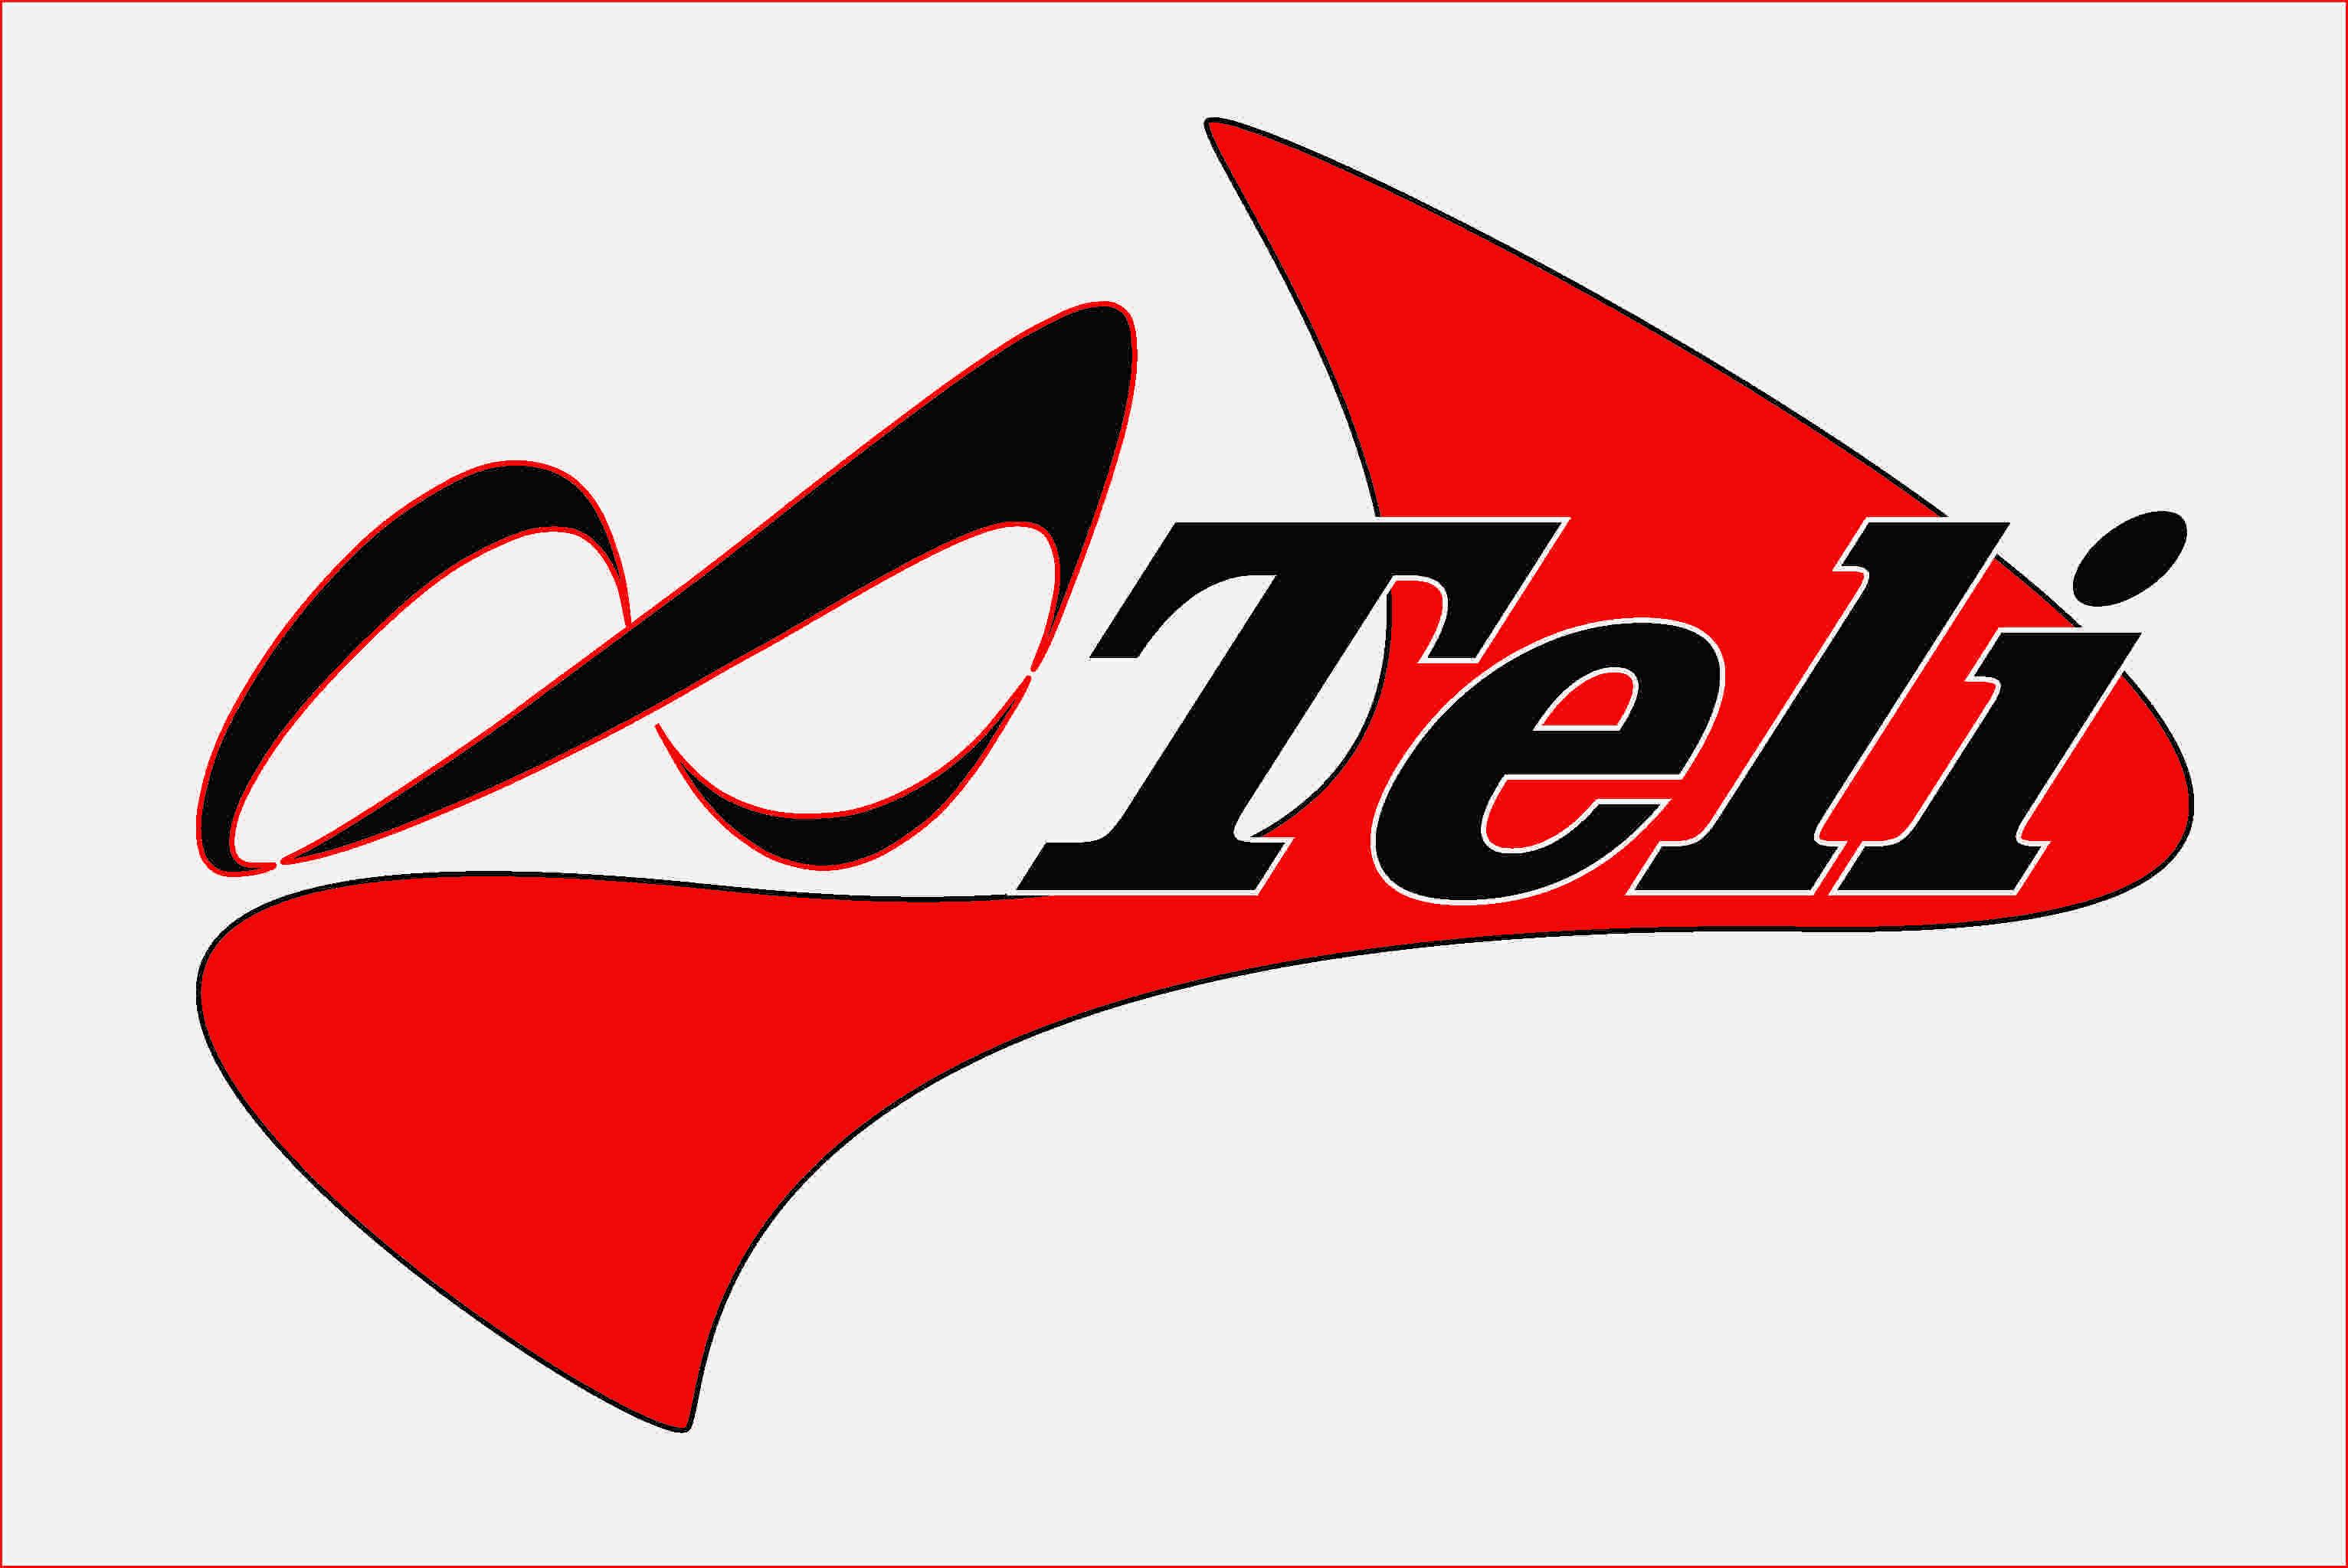 Разработка логотипа и фирменного стиля фото f_38658ff7b2d91aaf.jpg